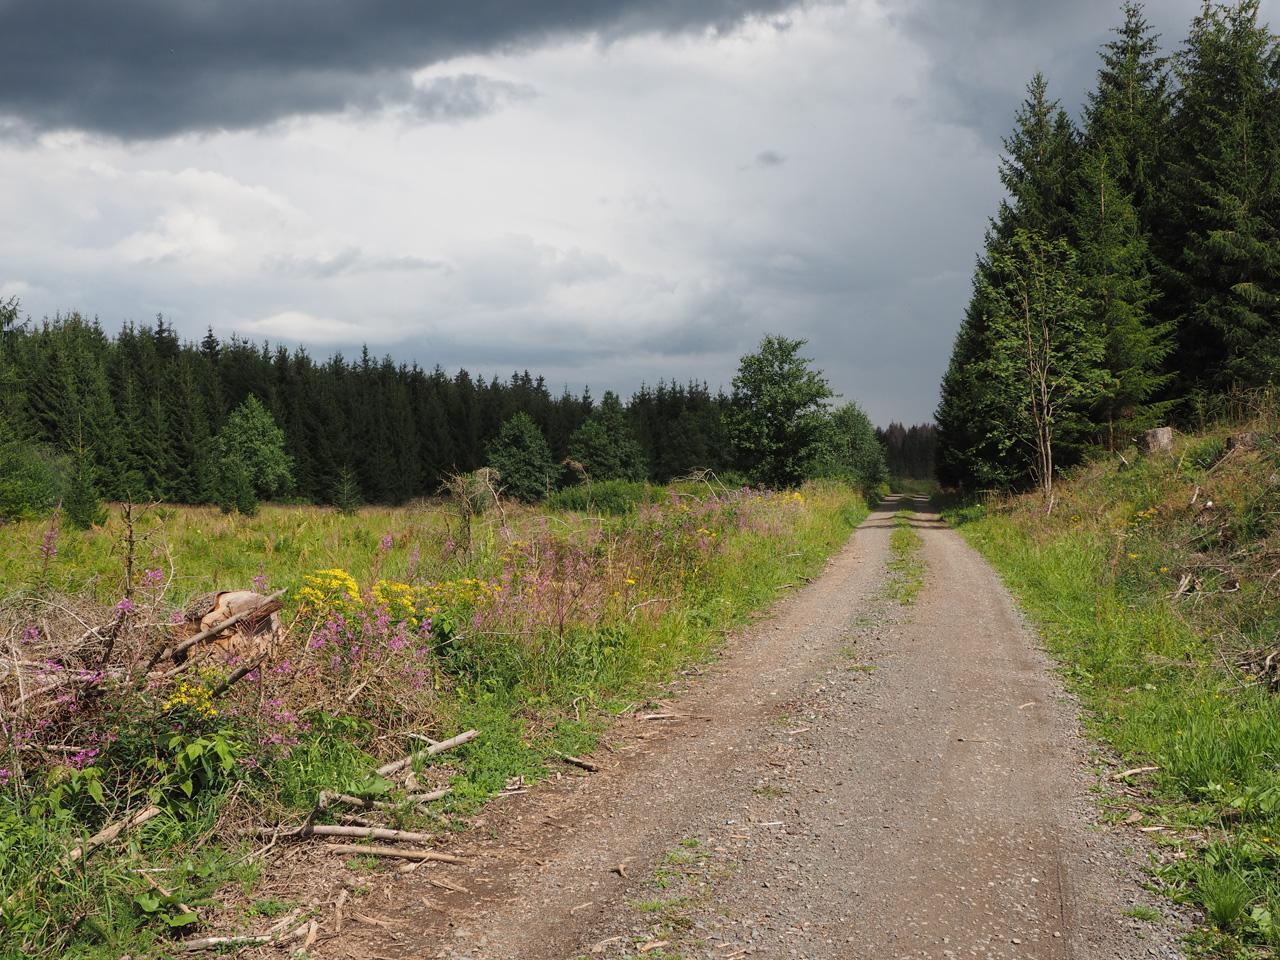 uitgestrekte bossen en open gedeelten